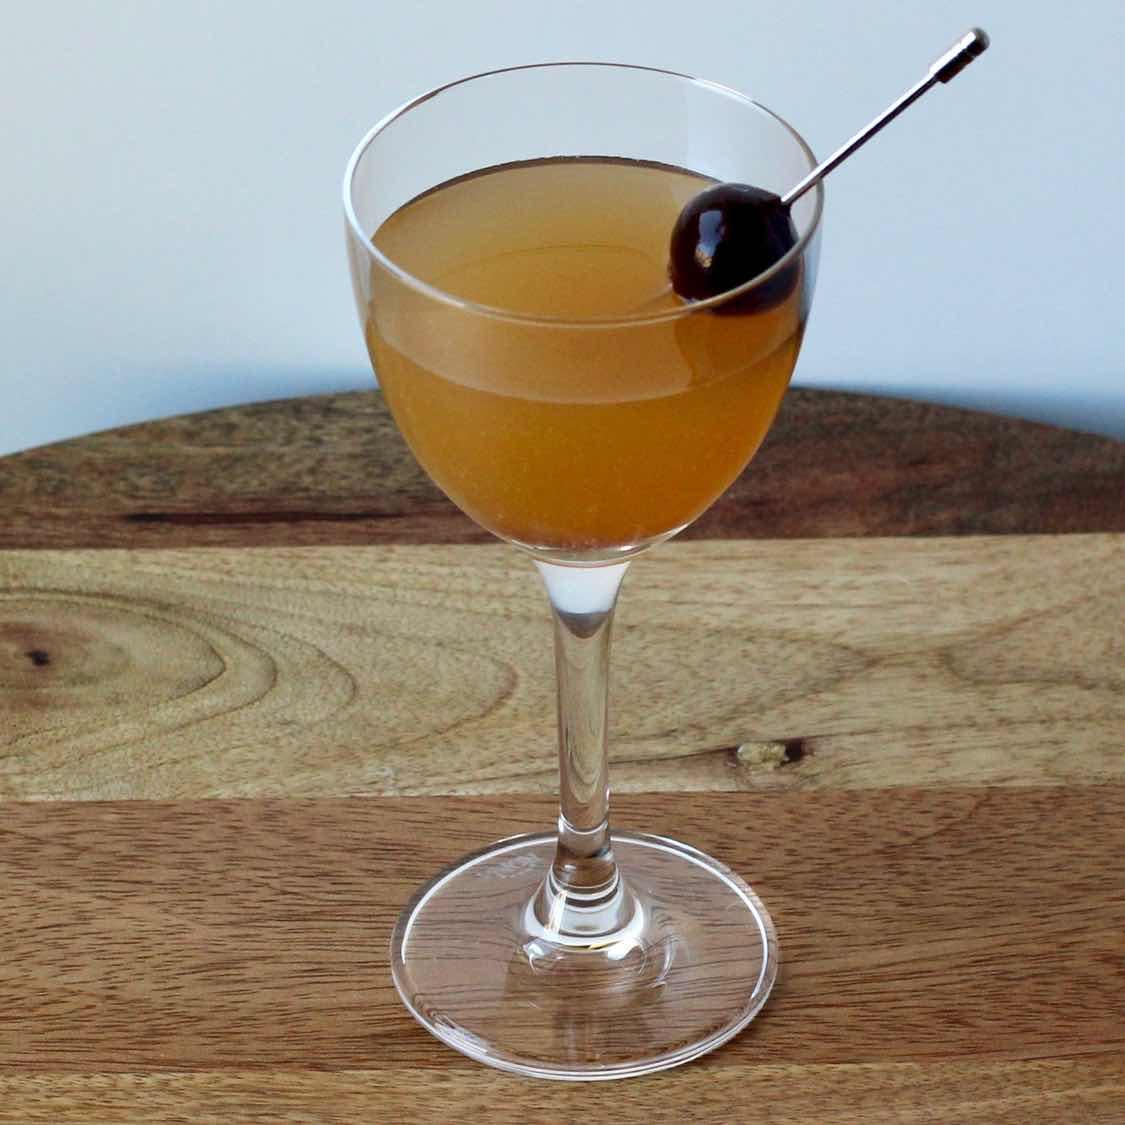 Japanese Cocktail - Original 1862 Jerry Thomas Recipe